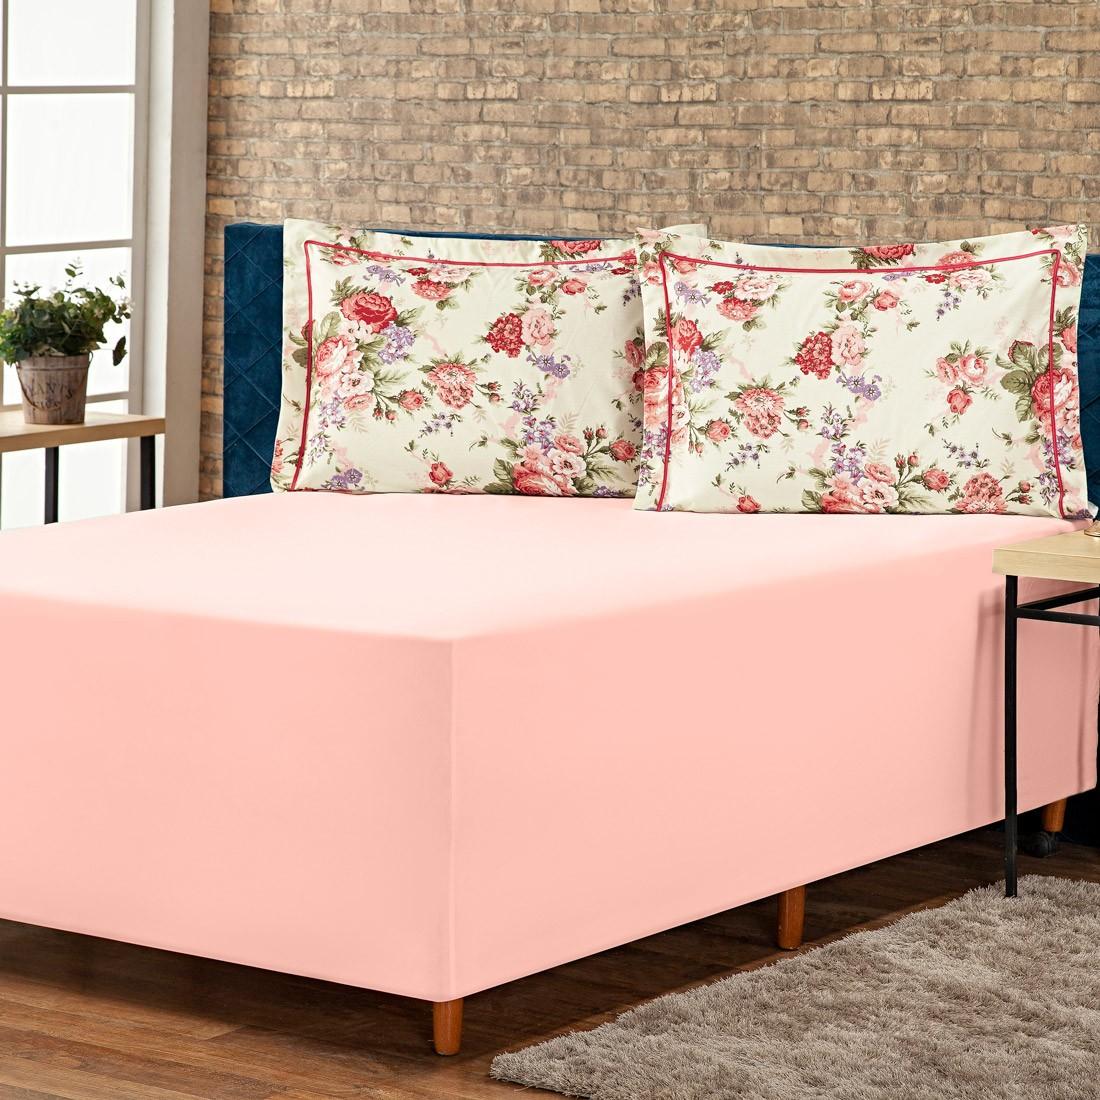 Jogo de Lençol p/ Cama Box Complet Floral Rosê King 03 Peças - Percal 140 Fios